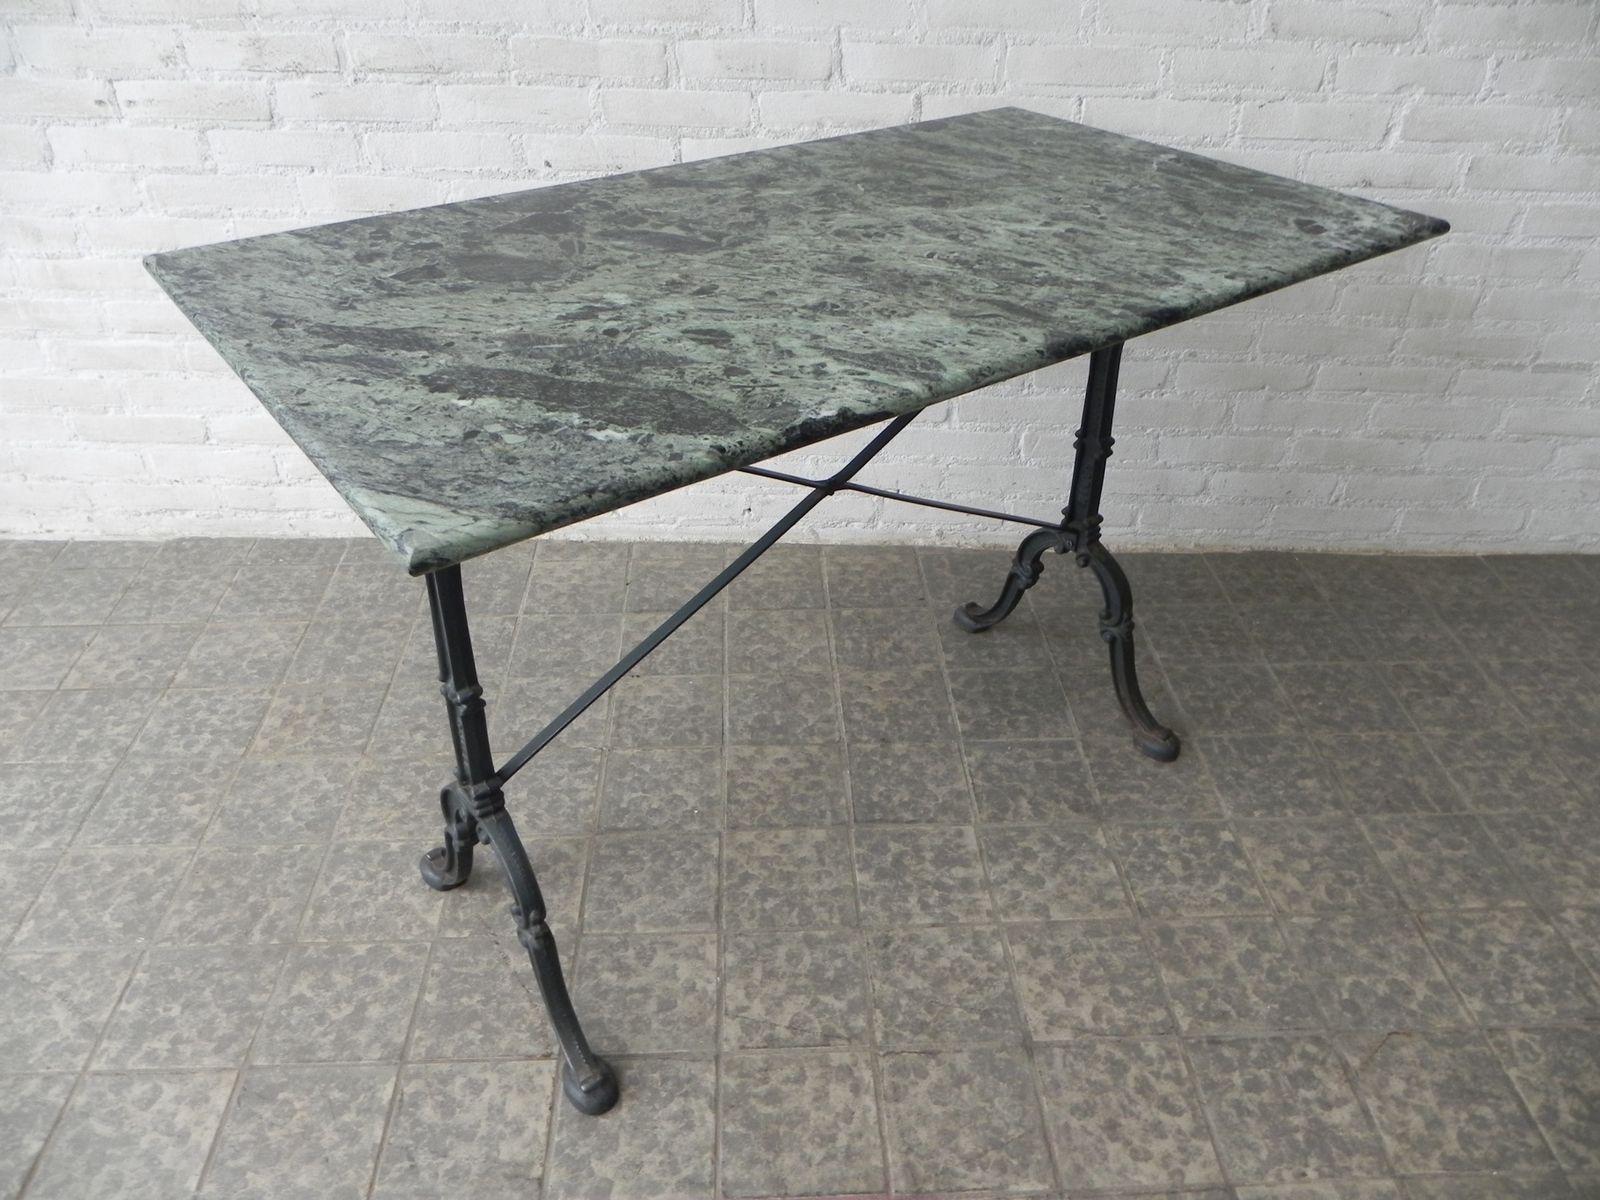 gartentisch mit gusseisenfu marmorplatte von godin bei pamono kaufen. Black Bedroom Furniture Sets. Home Design Ideas